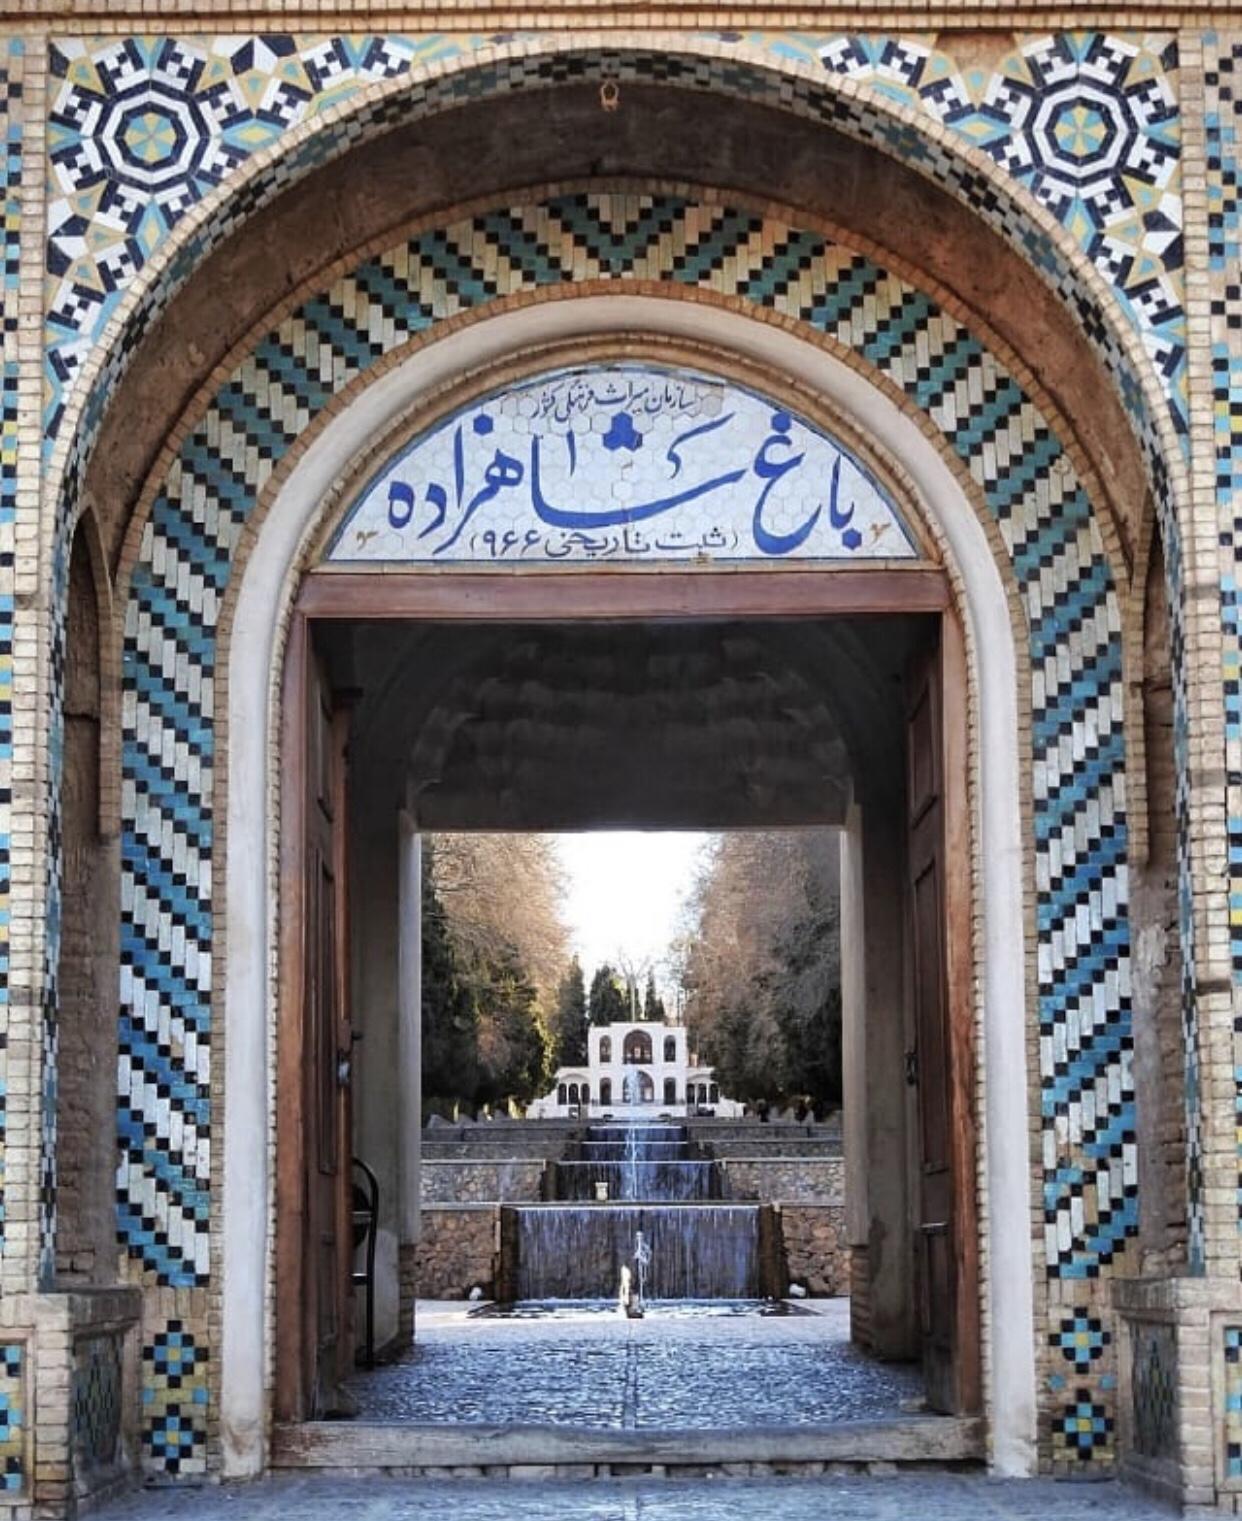 عدسة ايرانية: حديقة شاهزاده التاريخية في كرمان 3